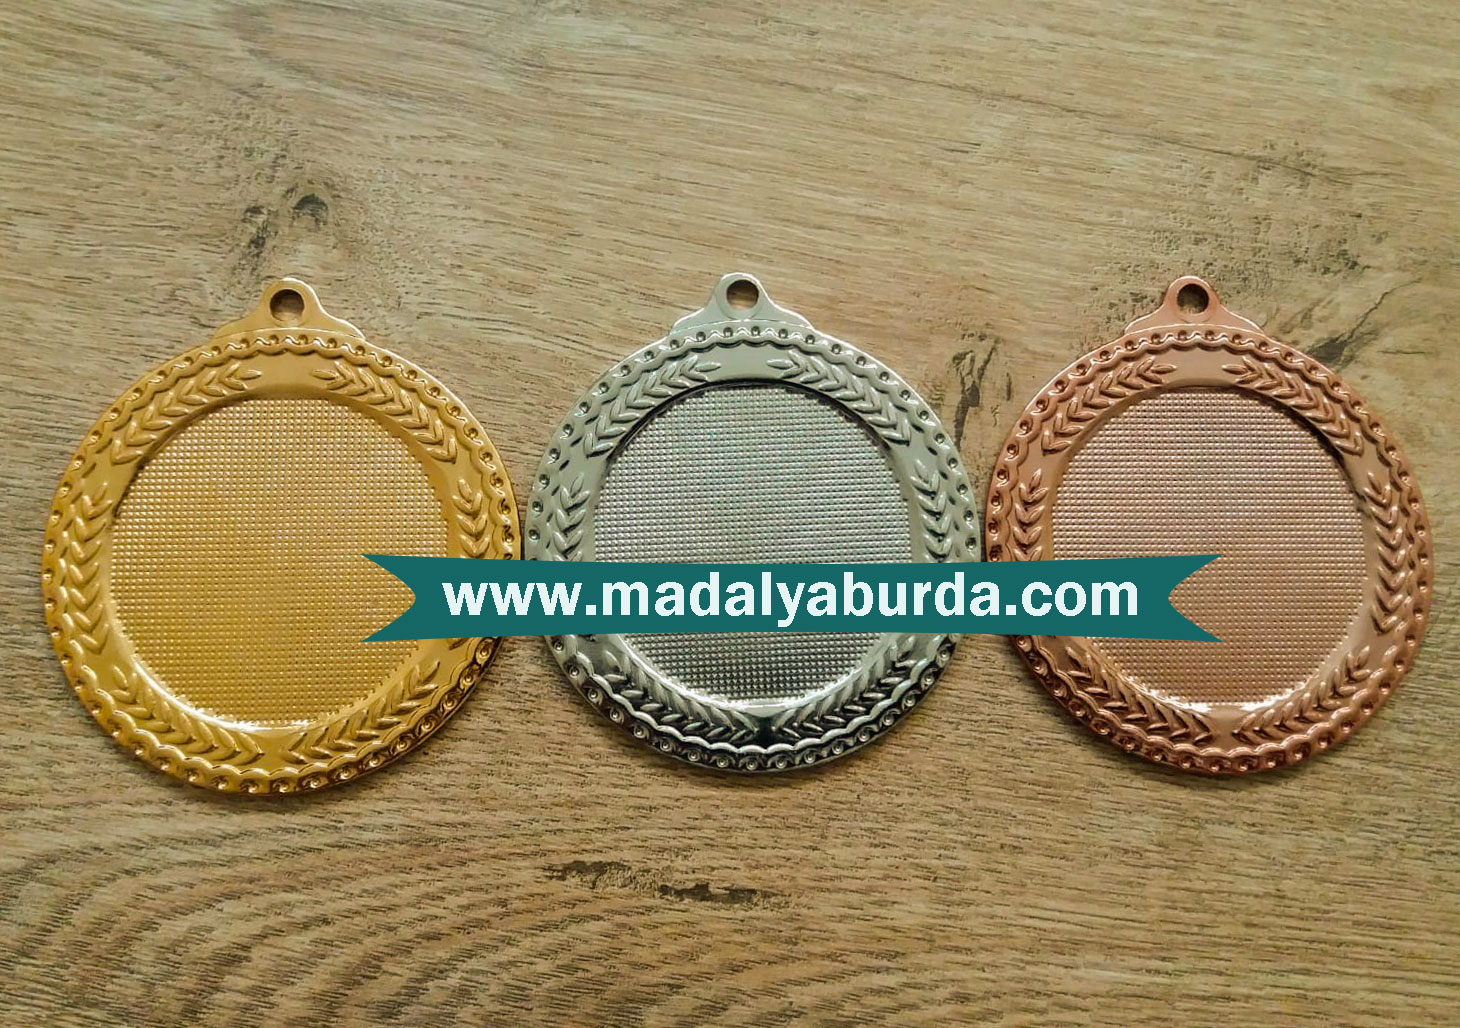 boş-madalya-örneği (2)